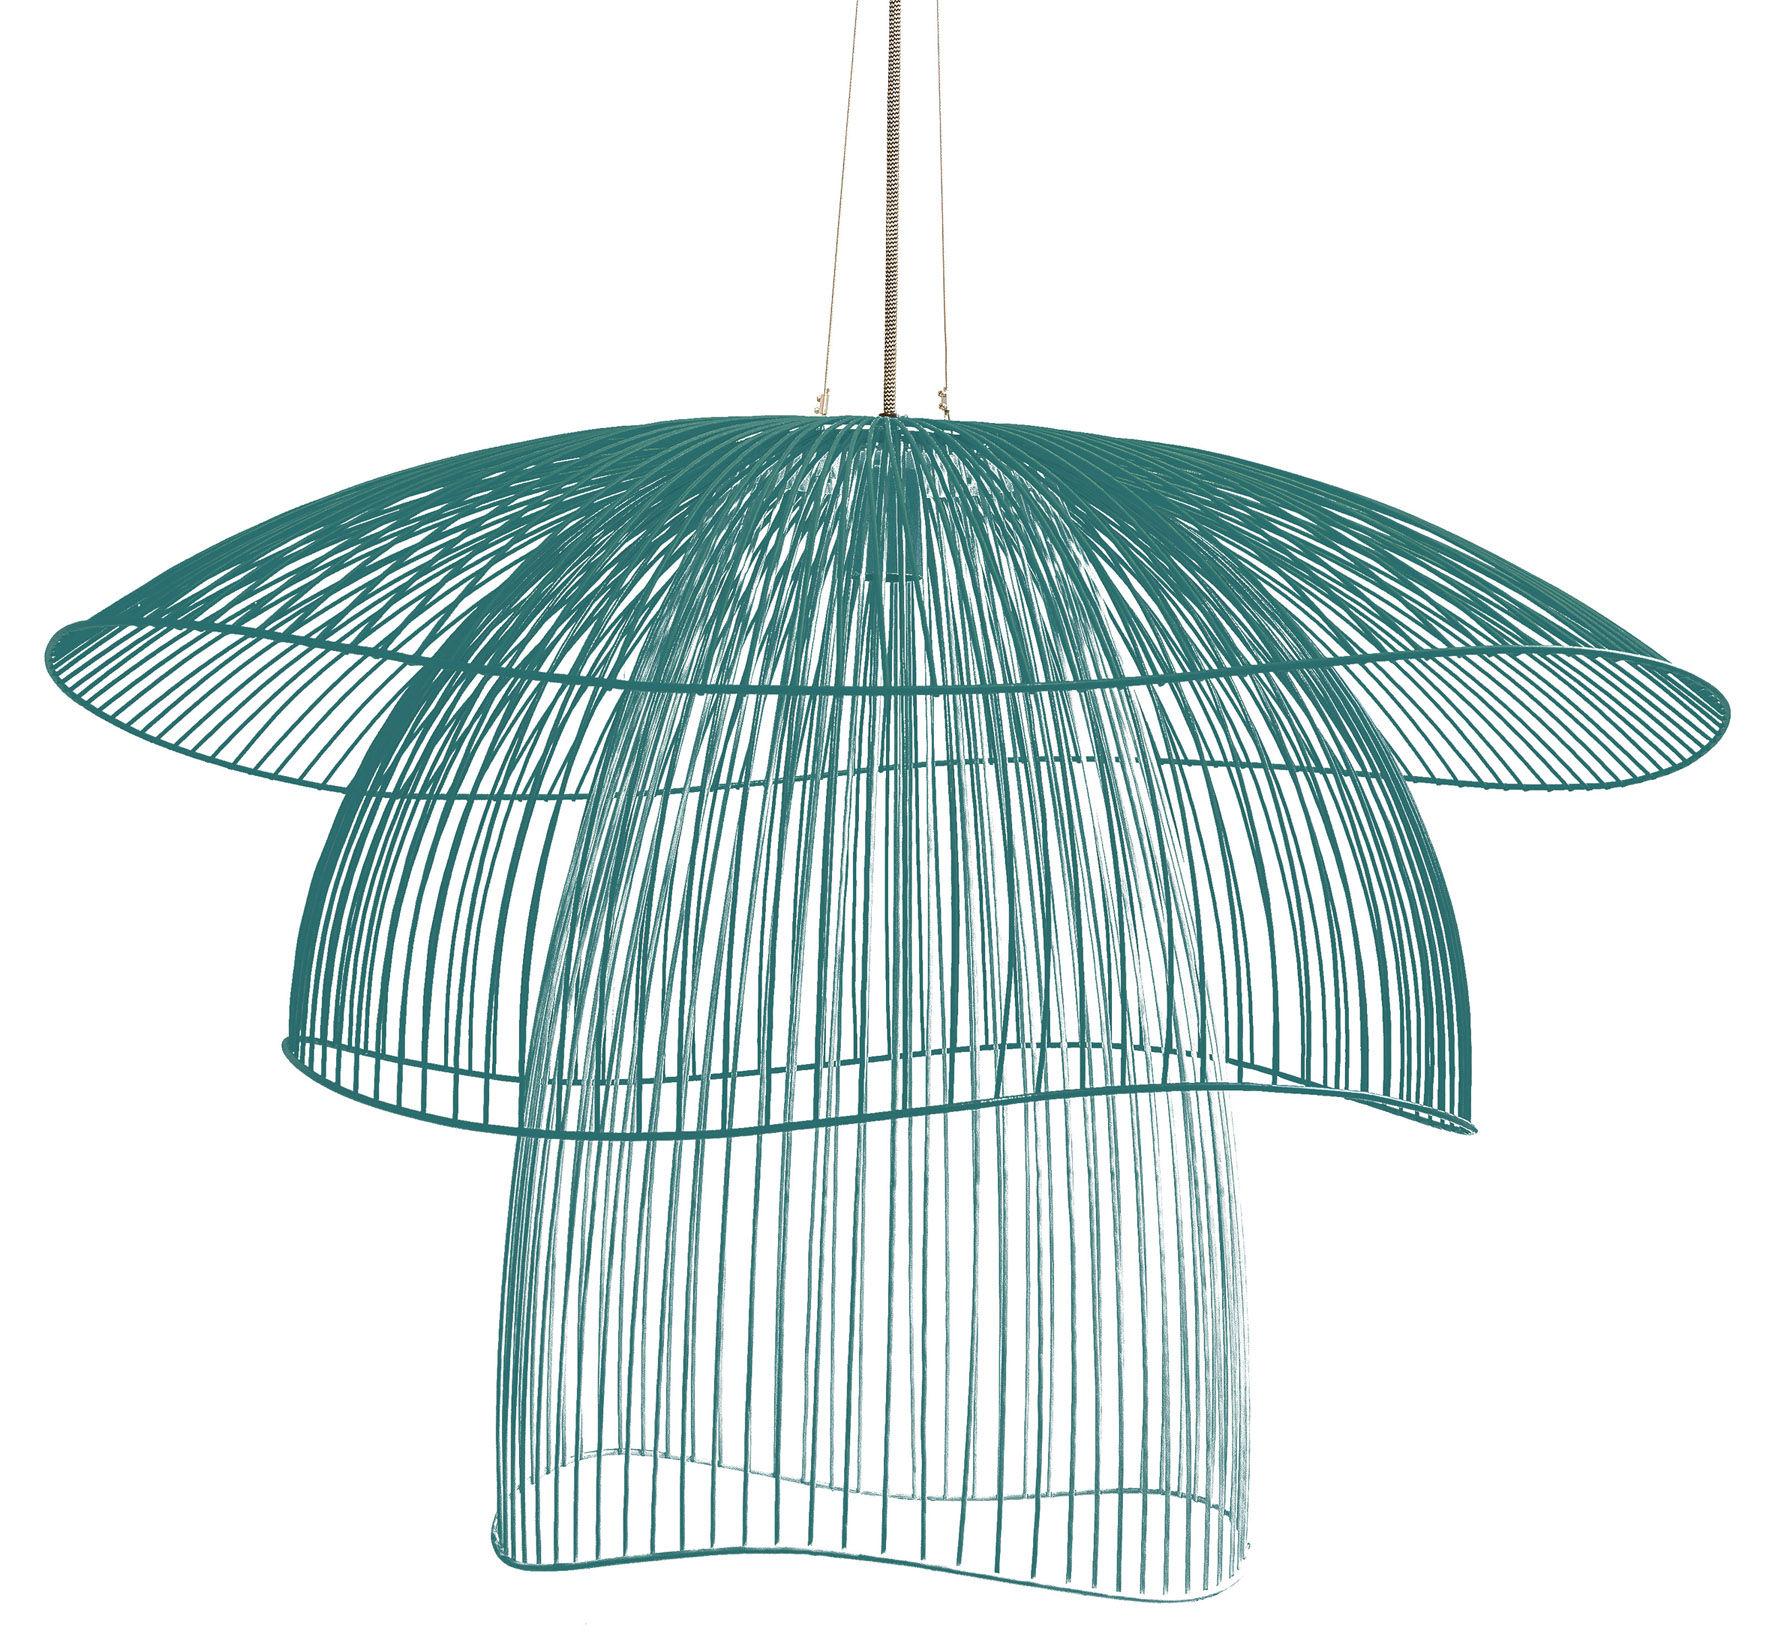 Leuchten - Pendelleuchten - Papillon Large Pendelleuchte / Ø 100 cm - Forestier - Graublau - thermolackierter Stahl